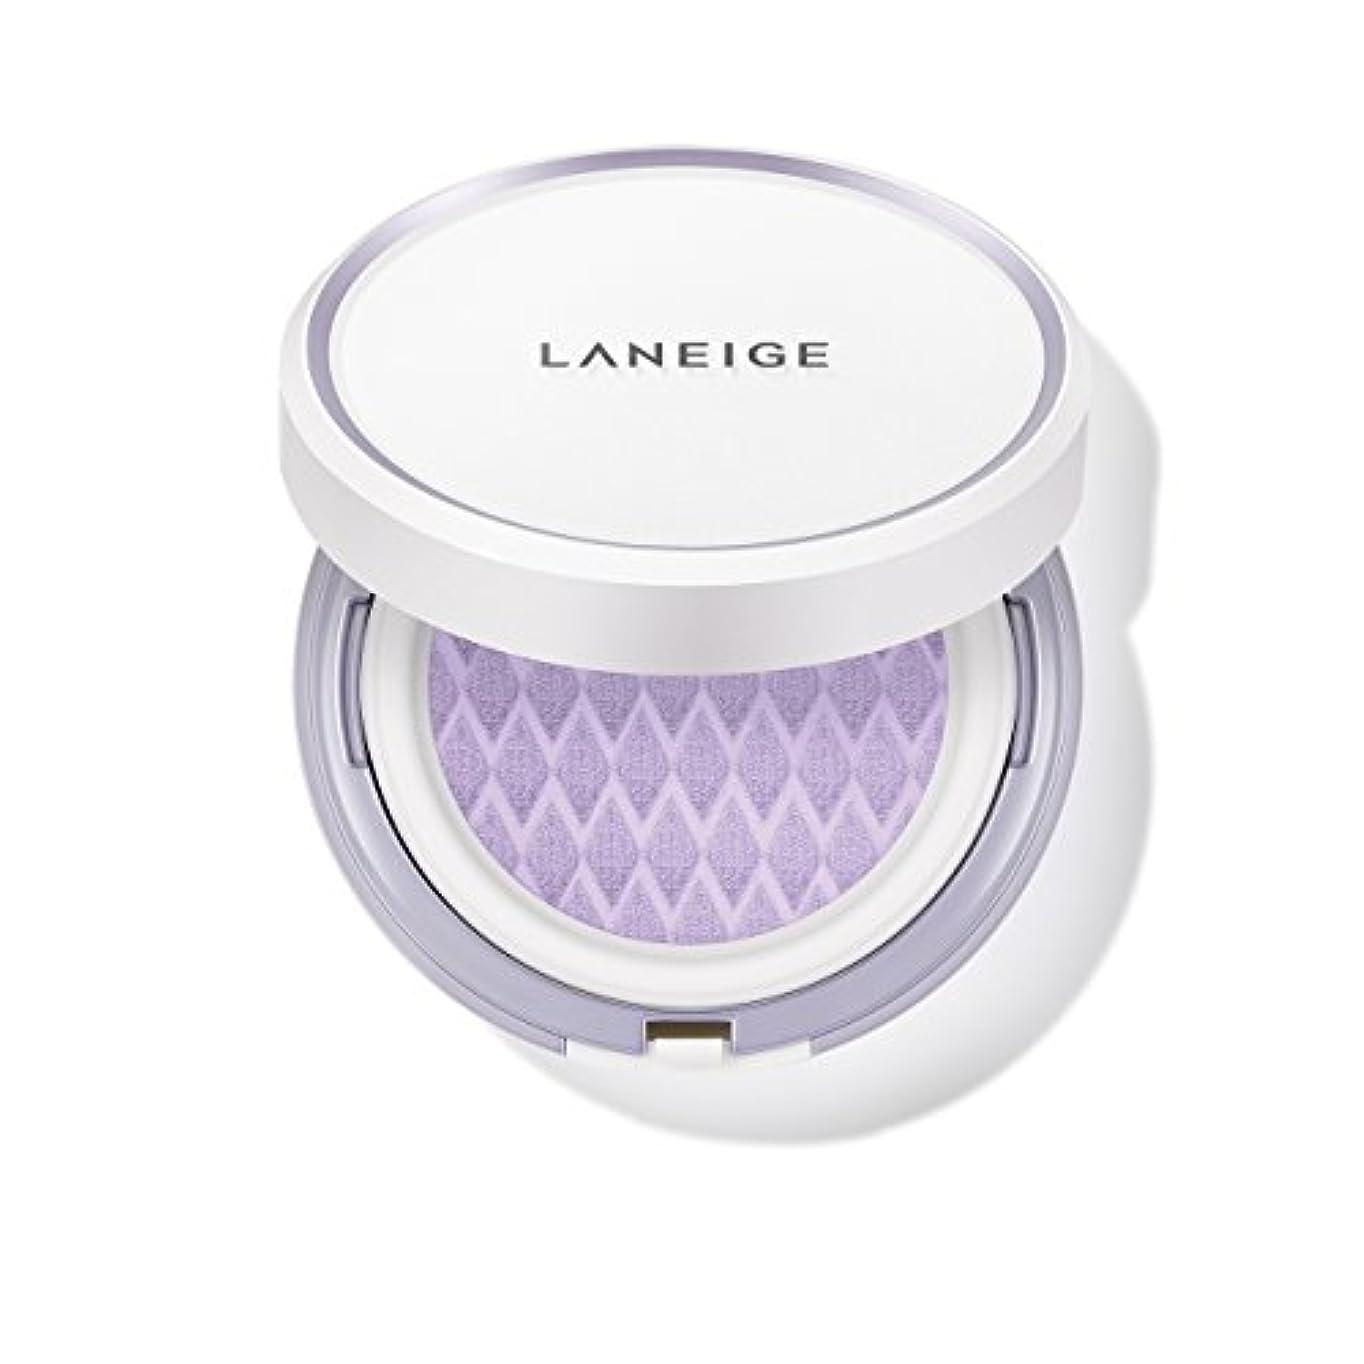 ラネージュ[LANEIGE]*AMOREPACIFIC*[新商品]スキンベなベースクッションSPF 22PA++(#40 Light Purple) 15g*2 / LANEIGE Skin Veil Base Cushion...